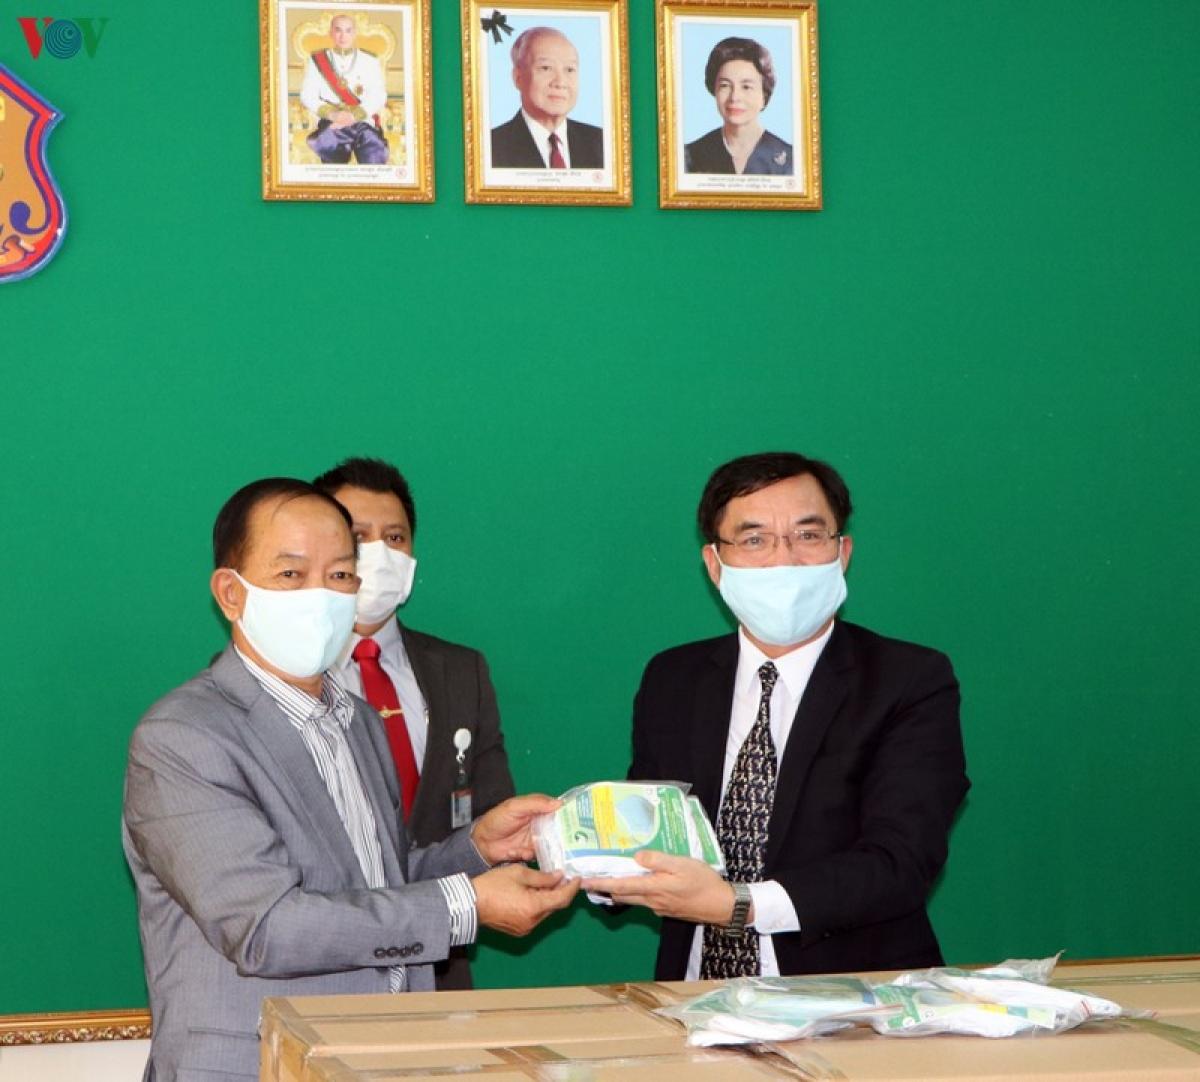 Công sứ Lại Xuân Chiến (phải) trao quà cho Tổng cục trưởng Tổng cục trại giam Campuchia.